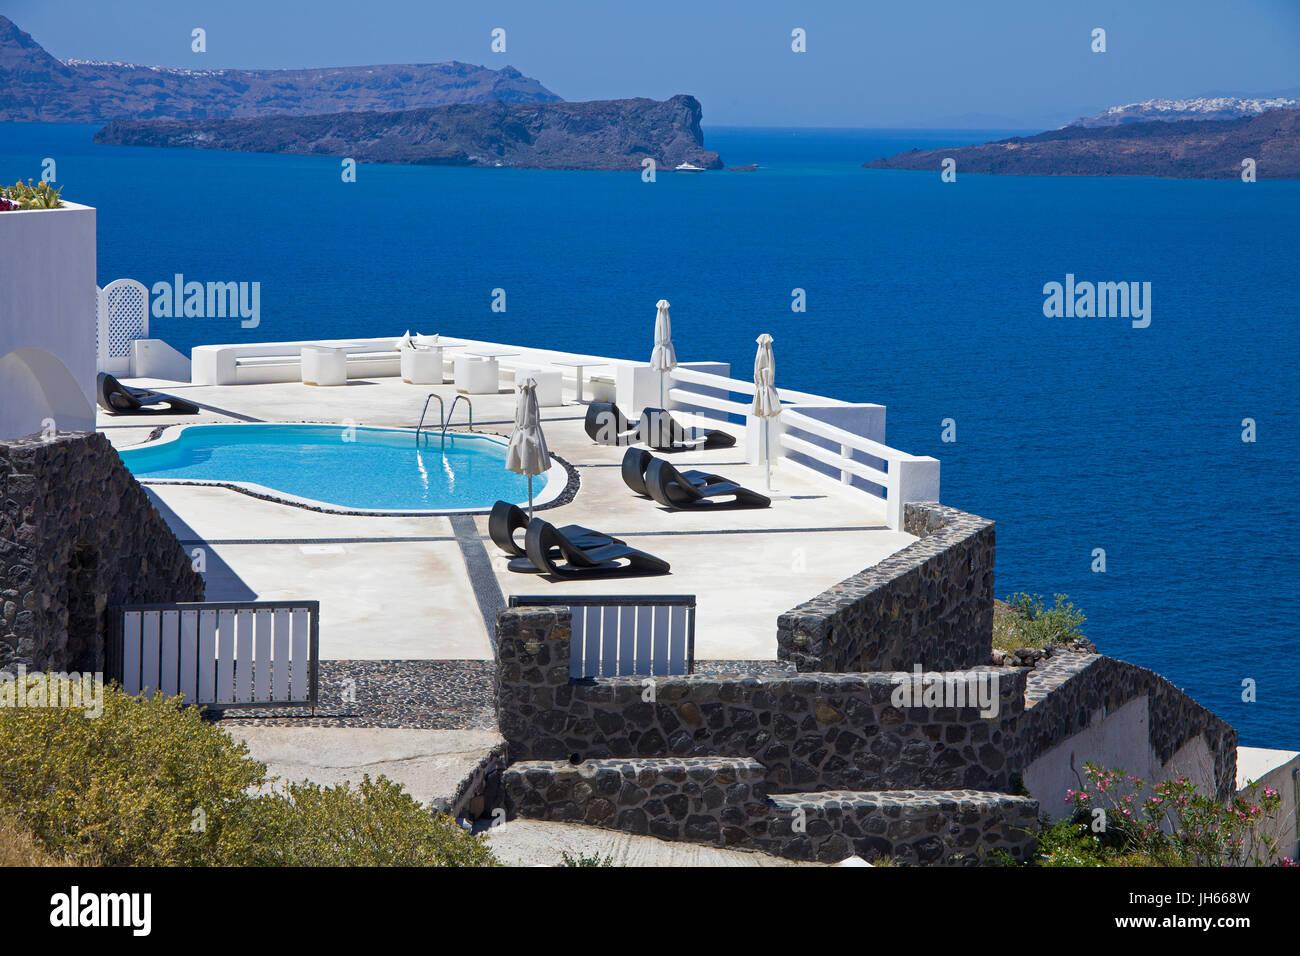 Hotelpool am Kraterrand in der Balos Bay, Santorin, Kykladen, Aegaeis, Griechenland, Mittelmeer, Europa | Hotel - Stock Image